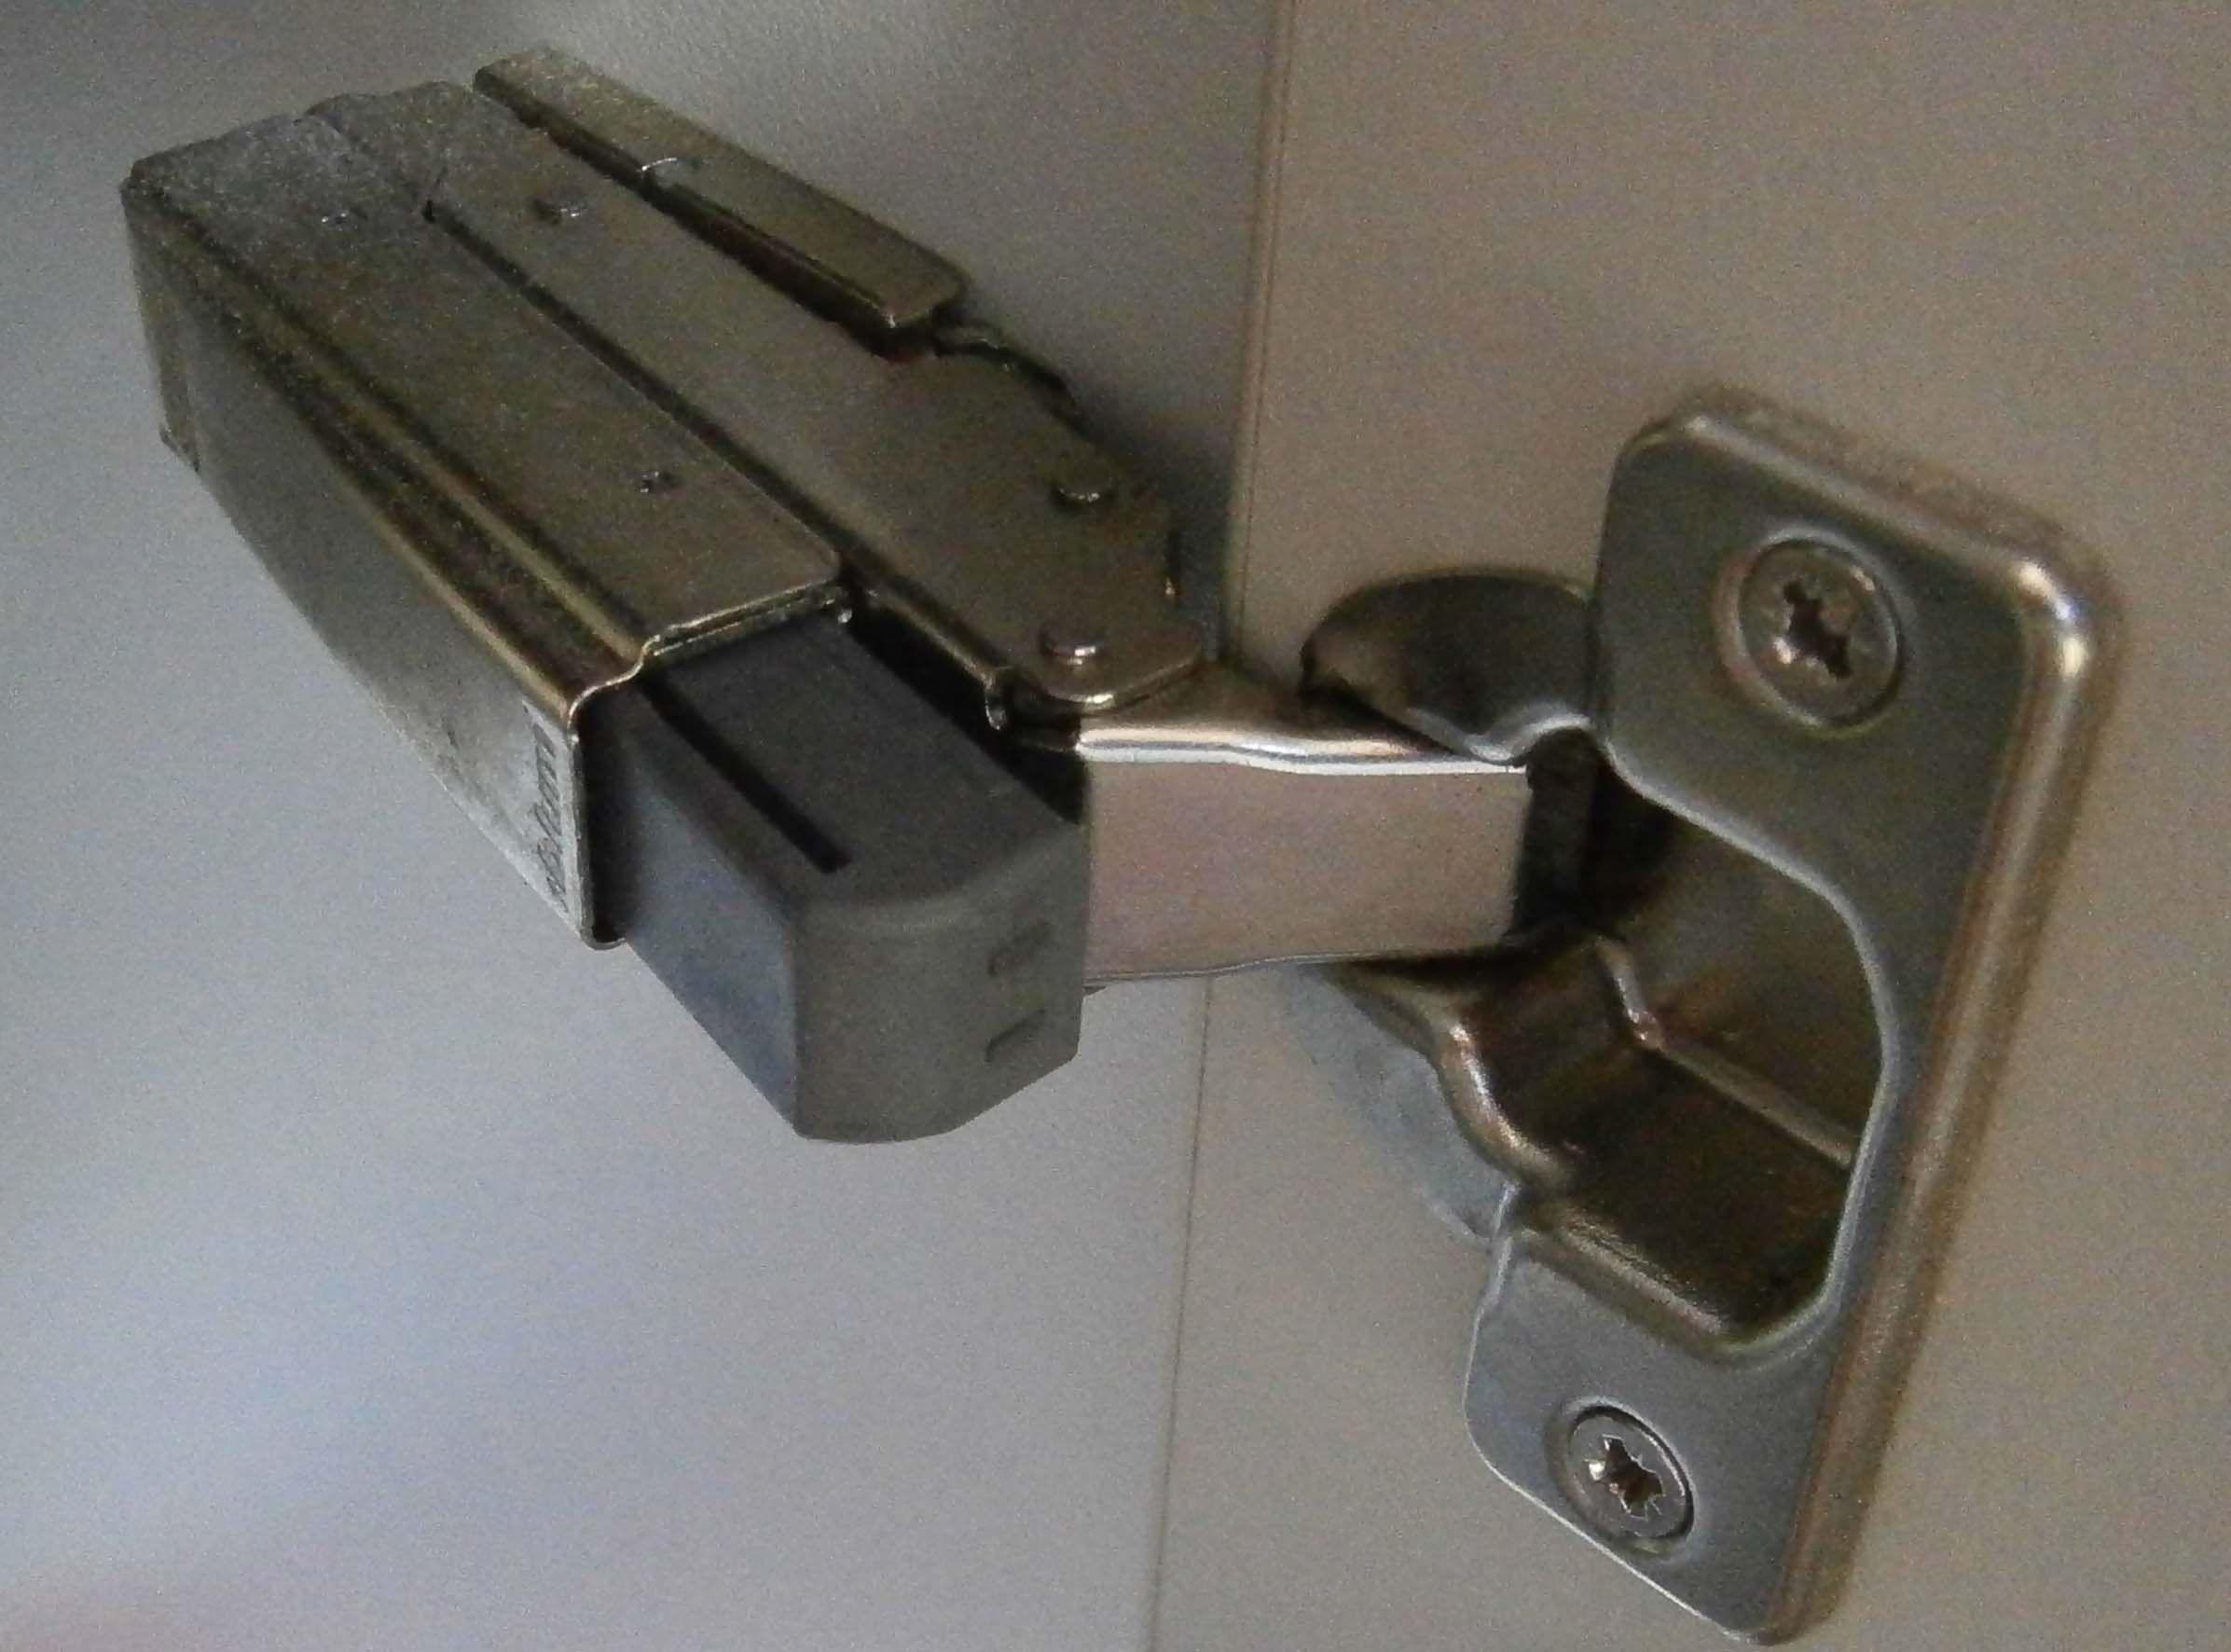 Best Kitchen Gallery: Cabi Door Stops Kitchen Betdaffaires Pinterest of Kitchen Cabinet Door Stops on cal-ite.com